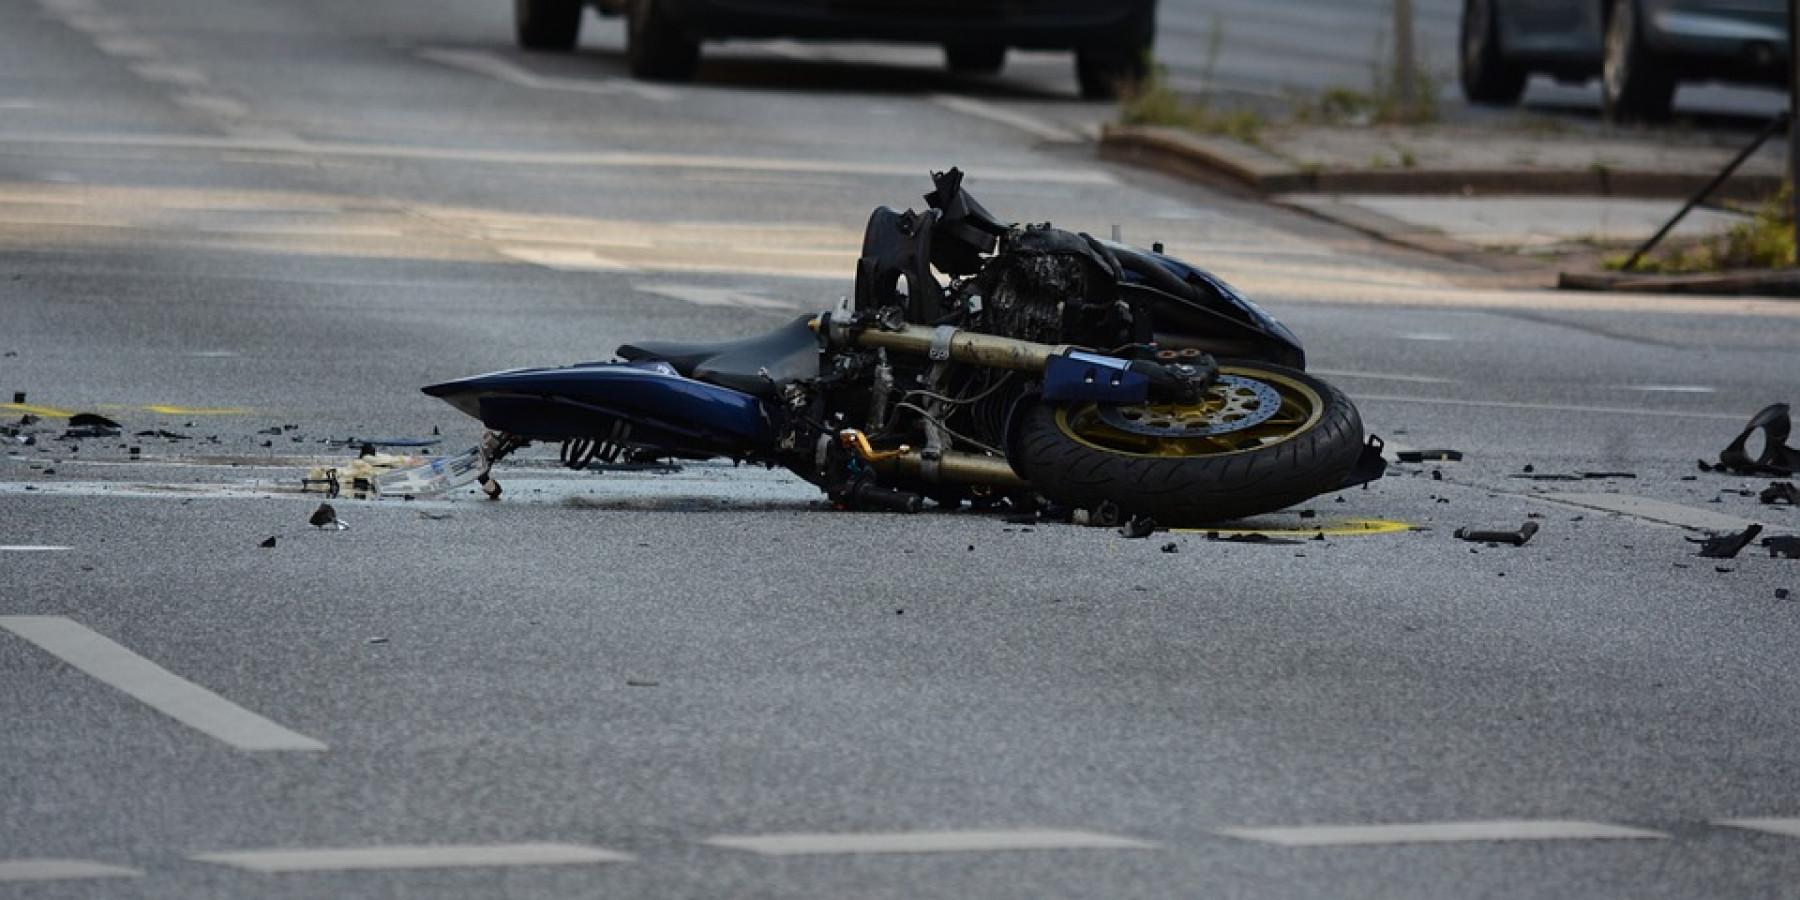 BAB A31 – Motorradfahrer und seine Sozia tödlich verunglückt